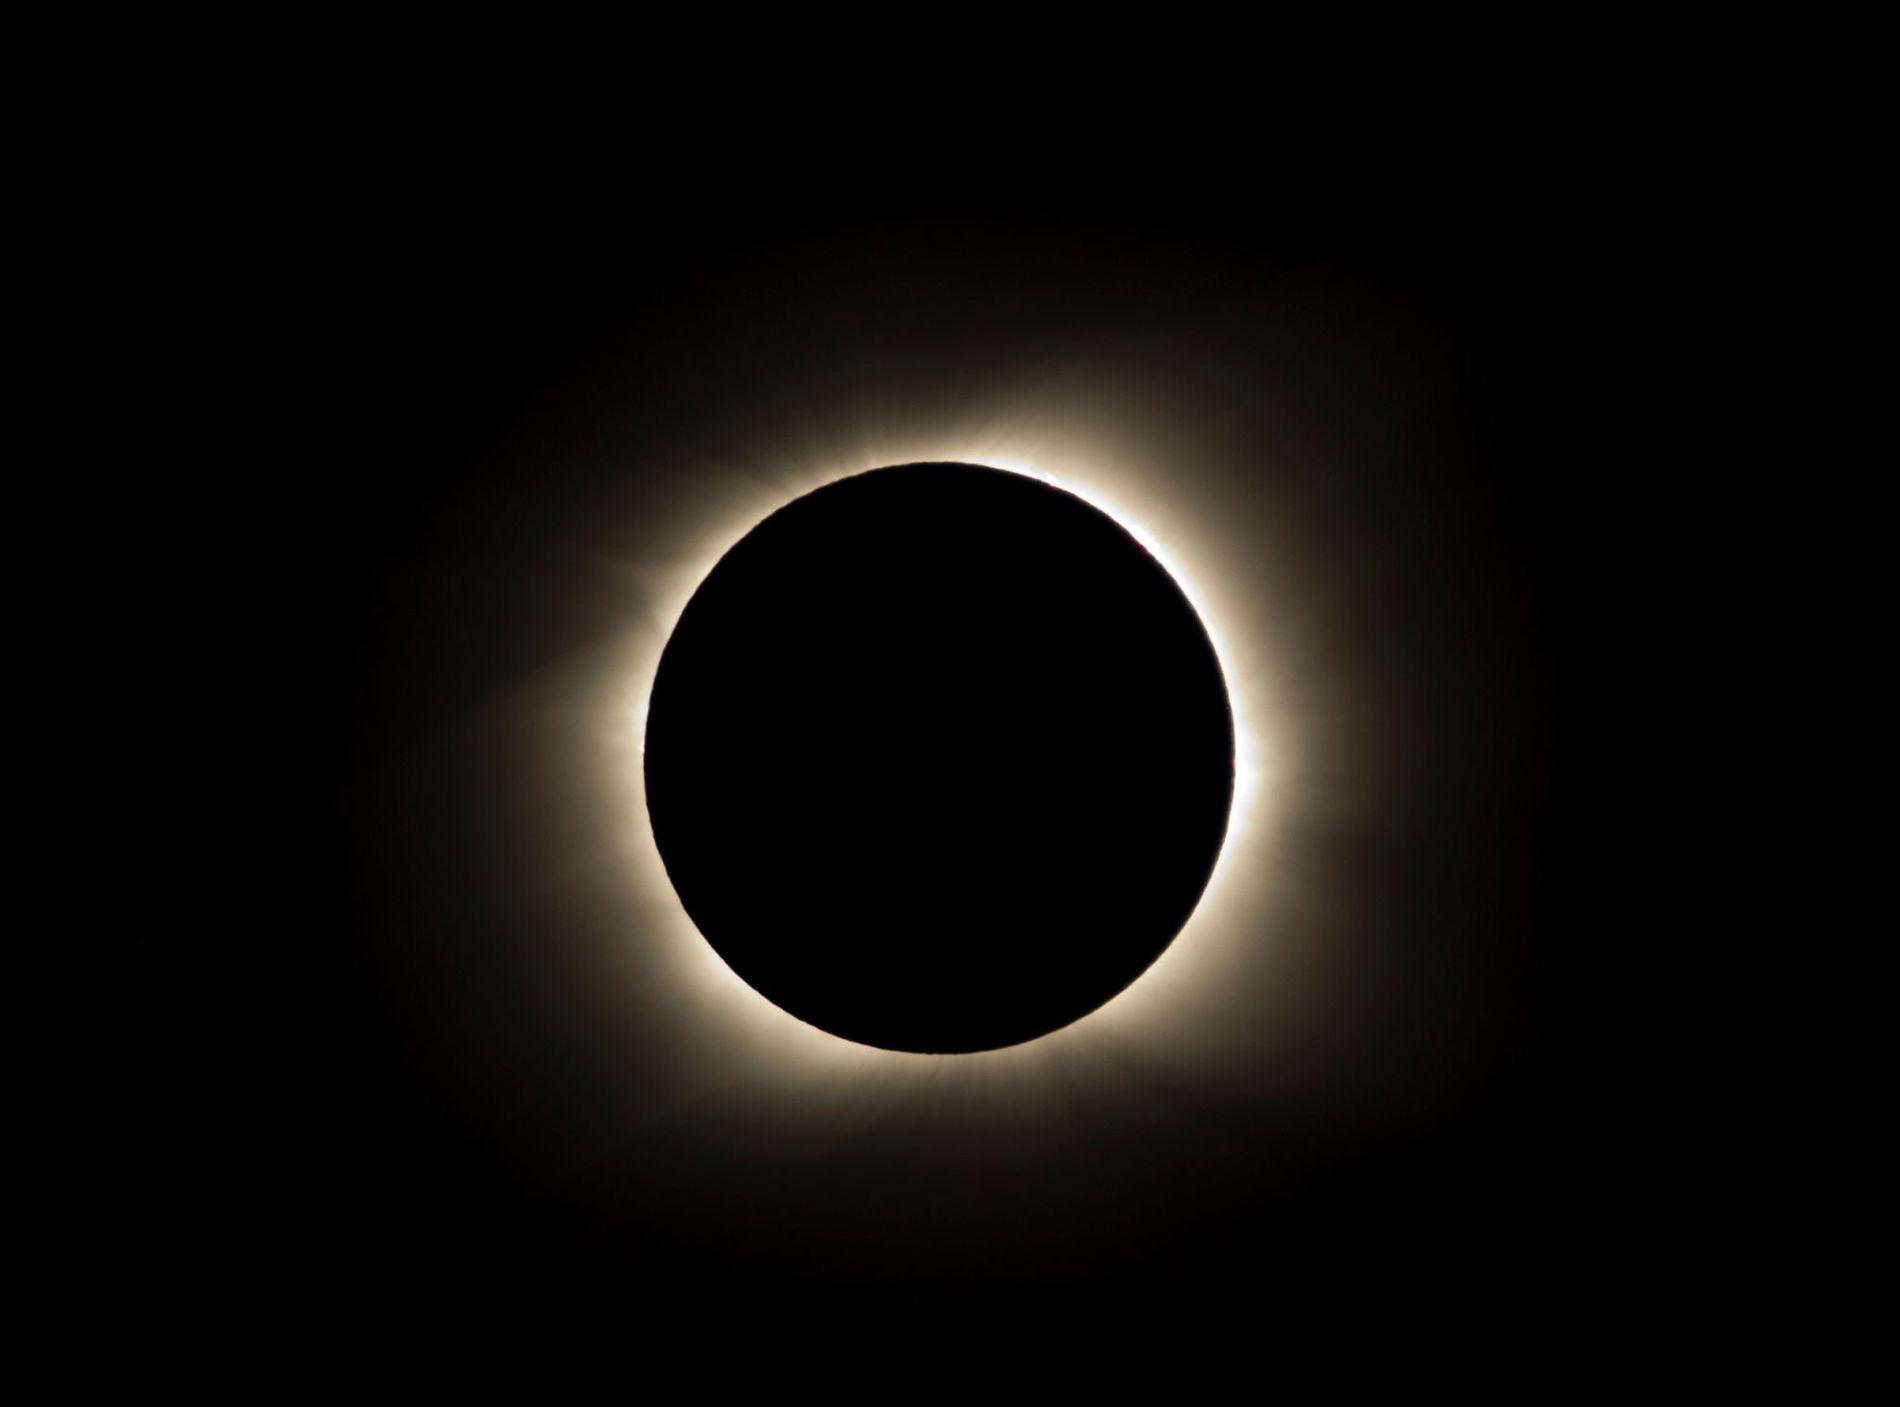 No Brasil, a ocultação do Sol poderá variar entre 9% e 60%. Quanto mais ao sul do país, melhor a visualização do eclipse .